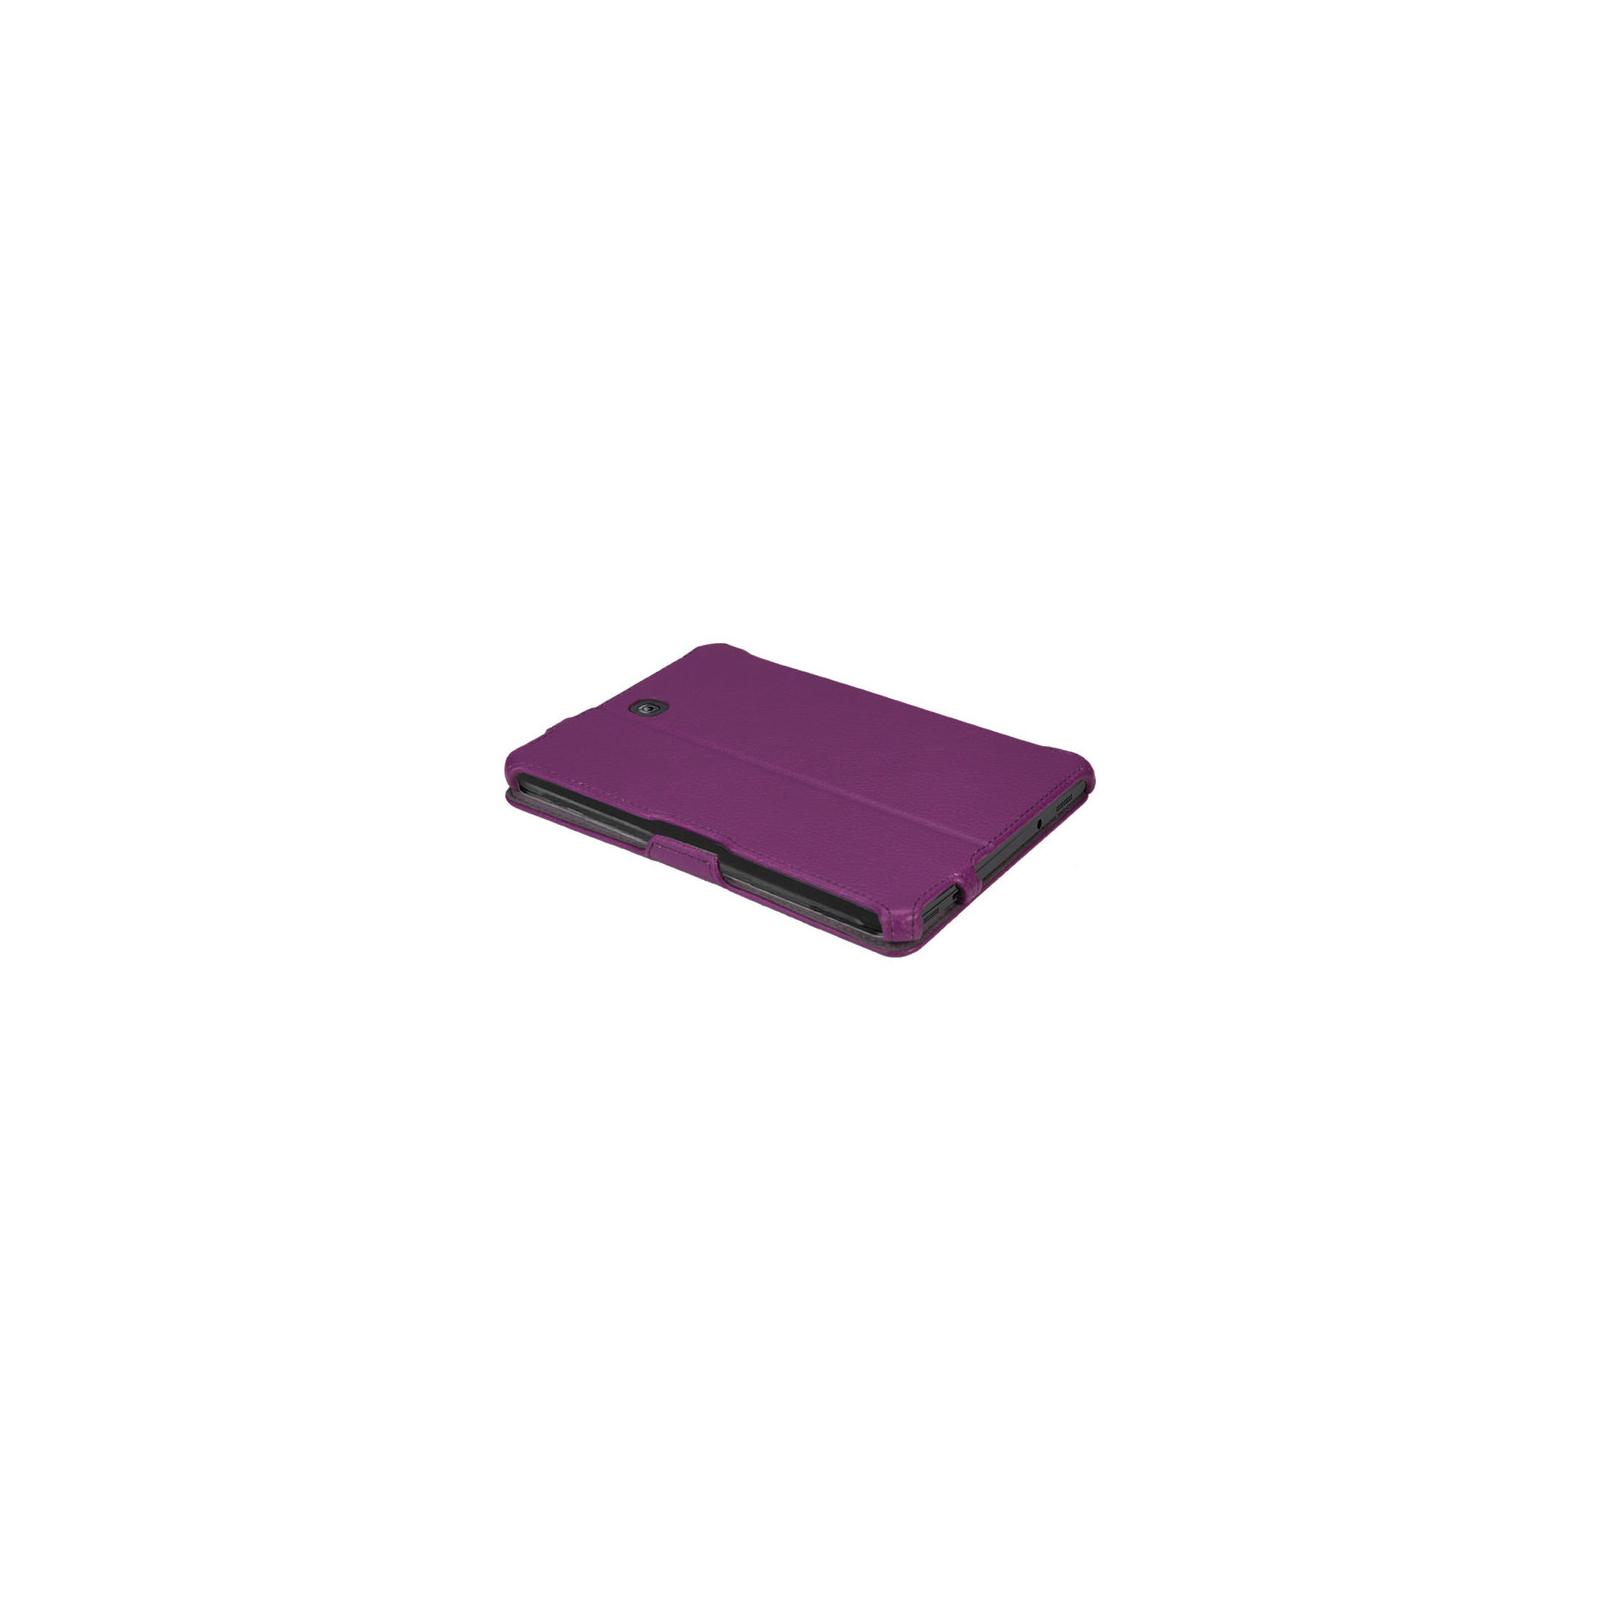 Чехол для планшета AirOn для Samsung Galaxy Tab S 2 8.0 violet (4822352770204) изображение 4